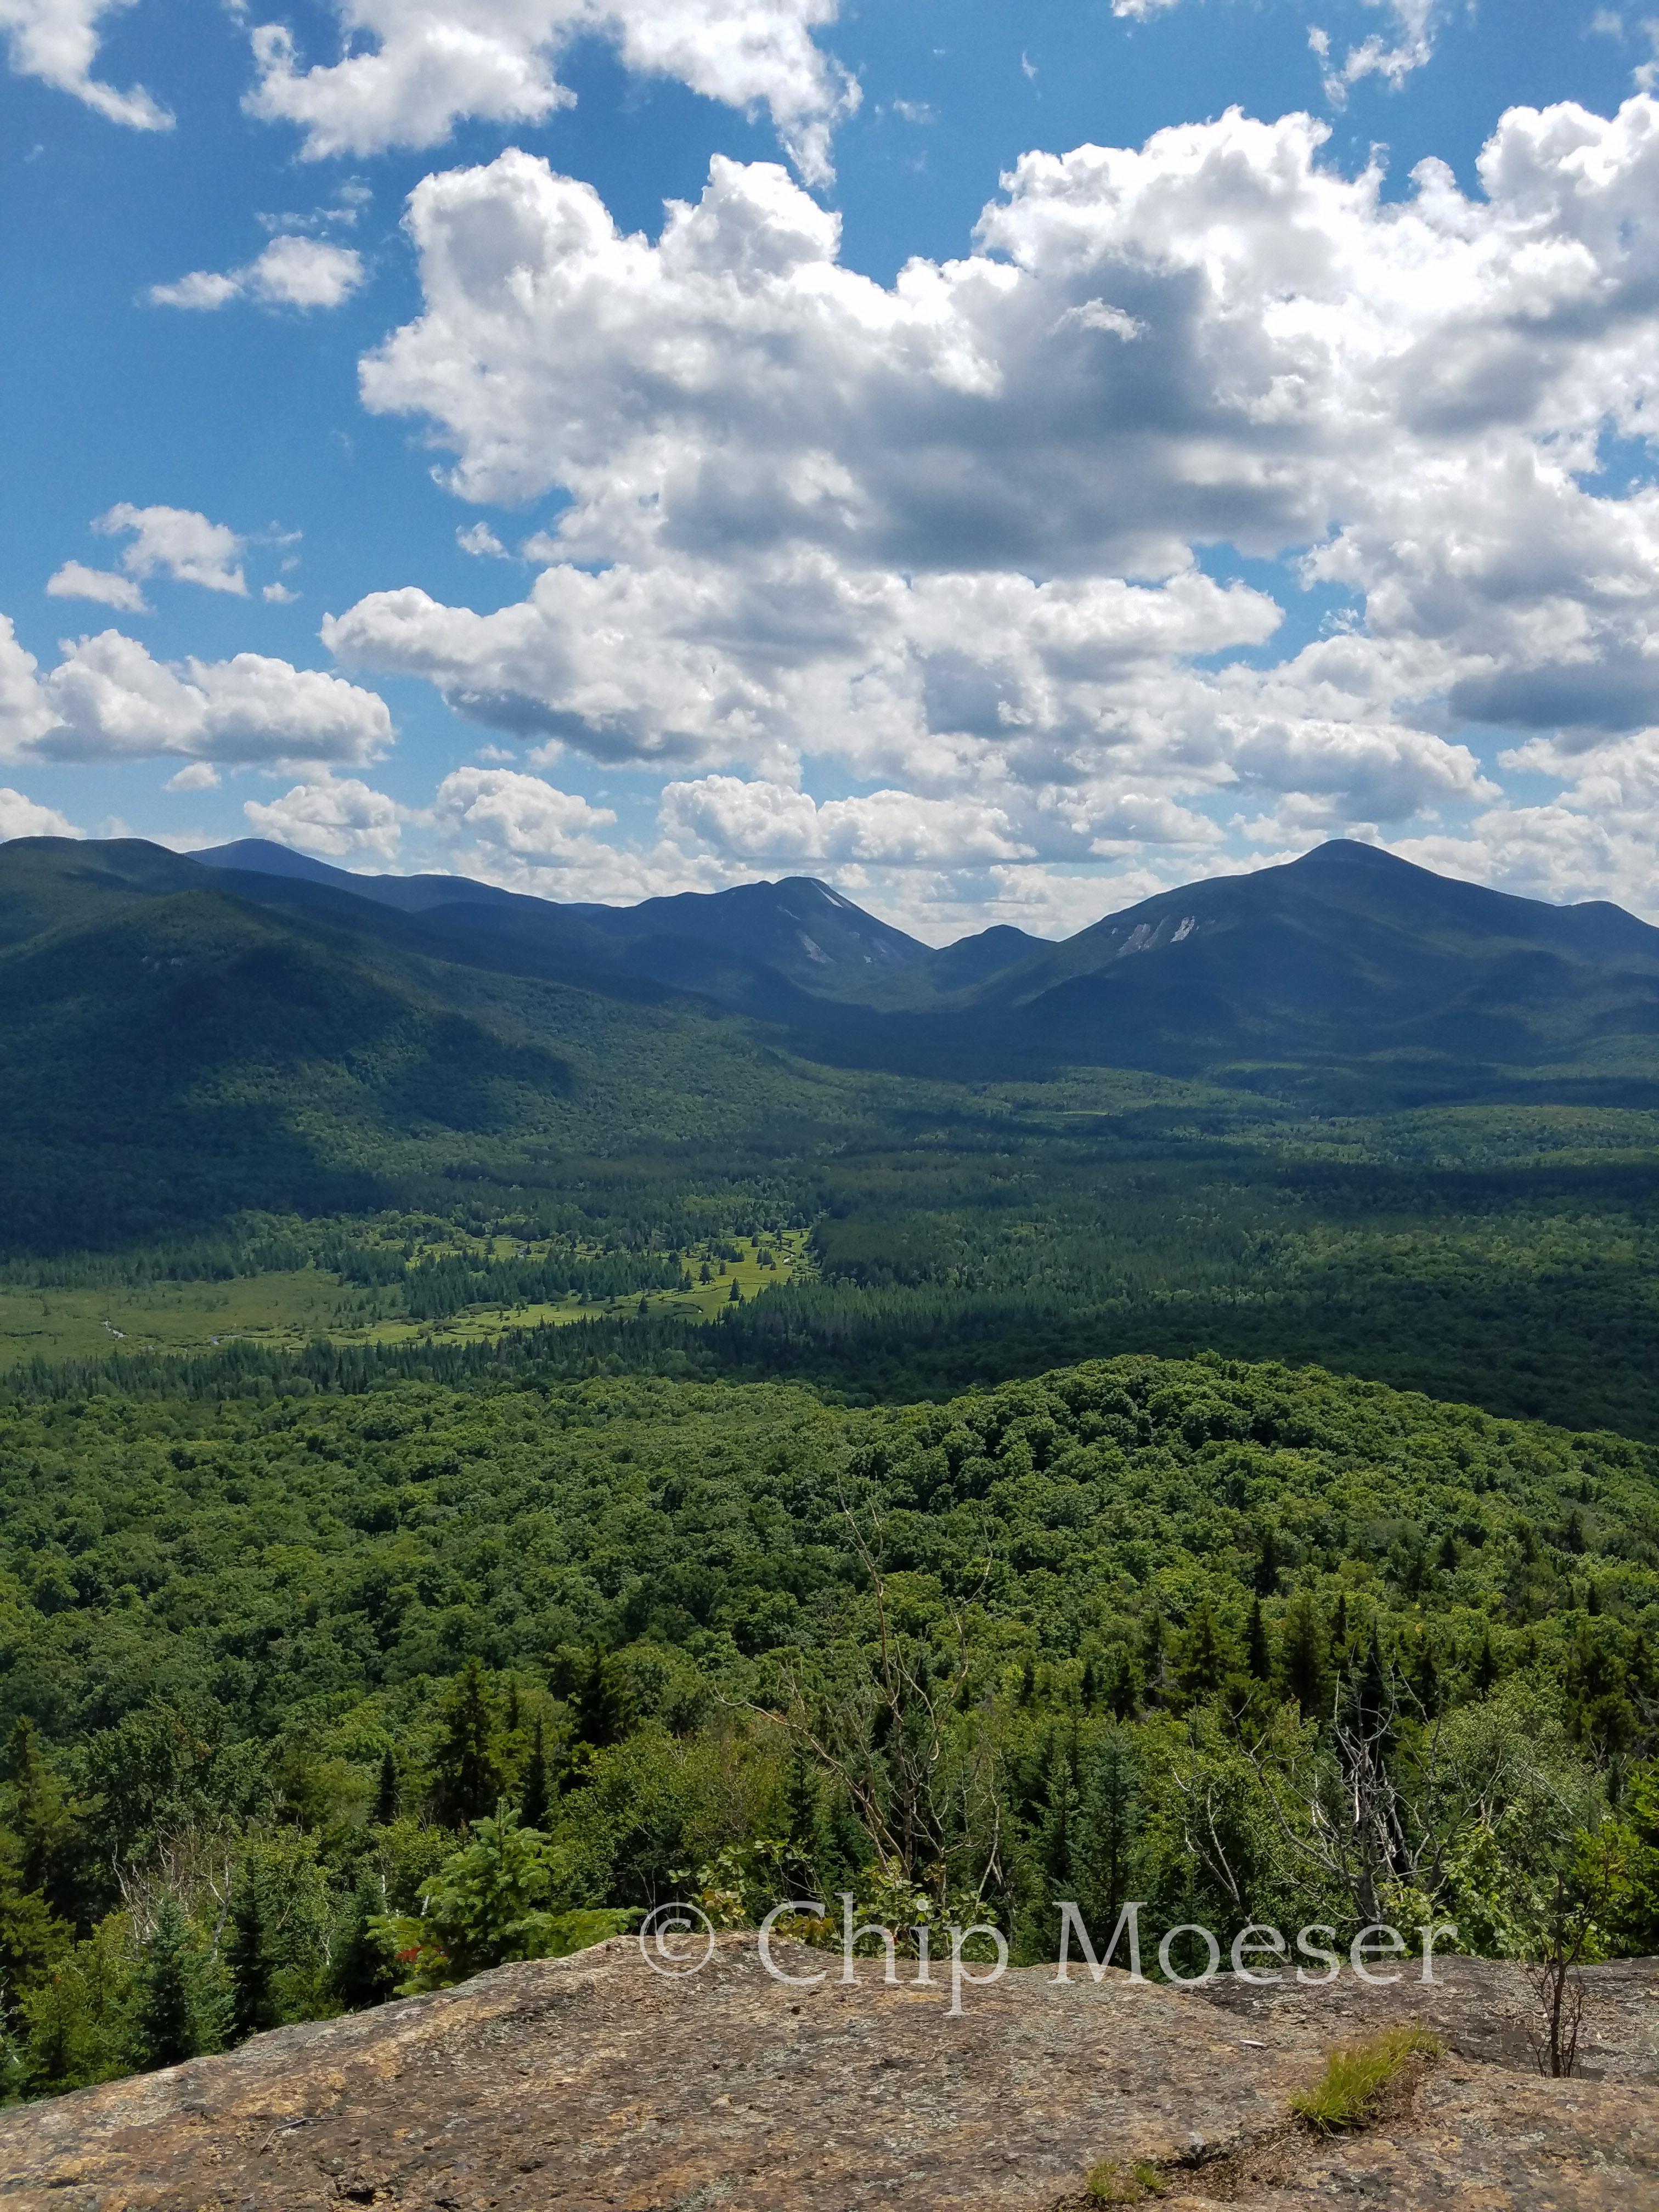 Looking south from Mt. Van Hoevenberg